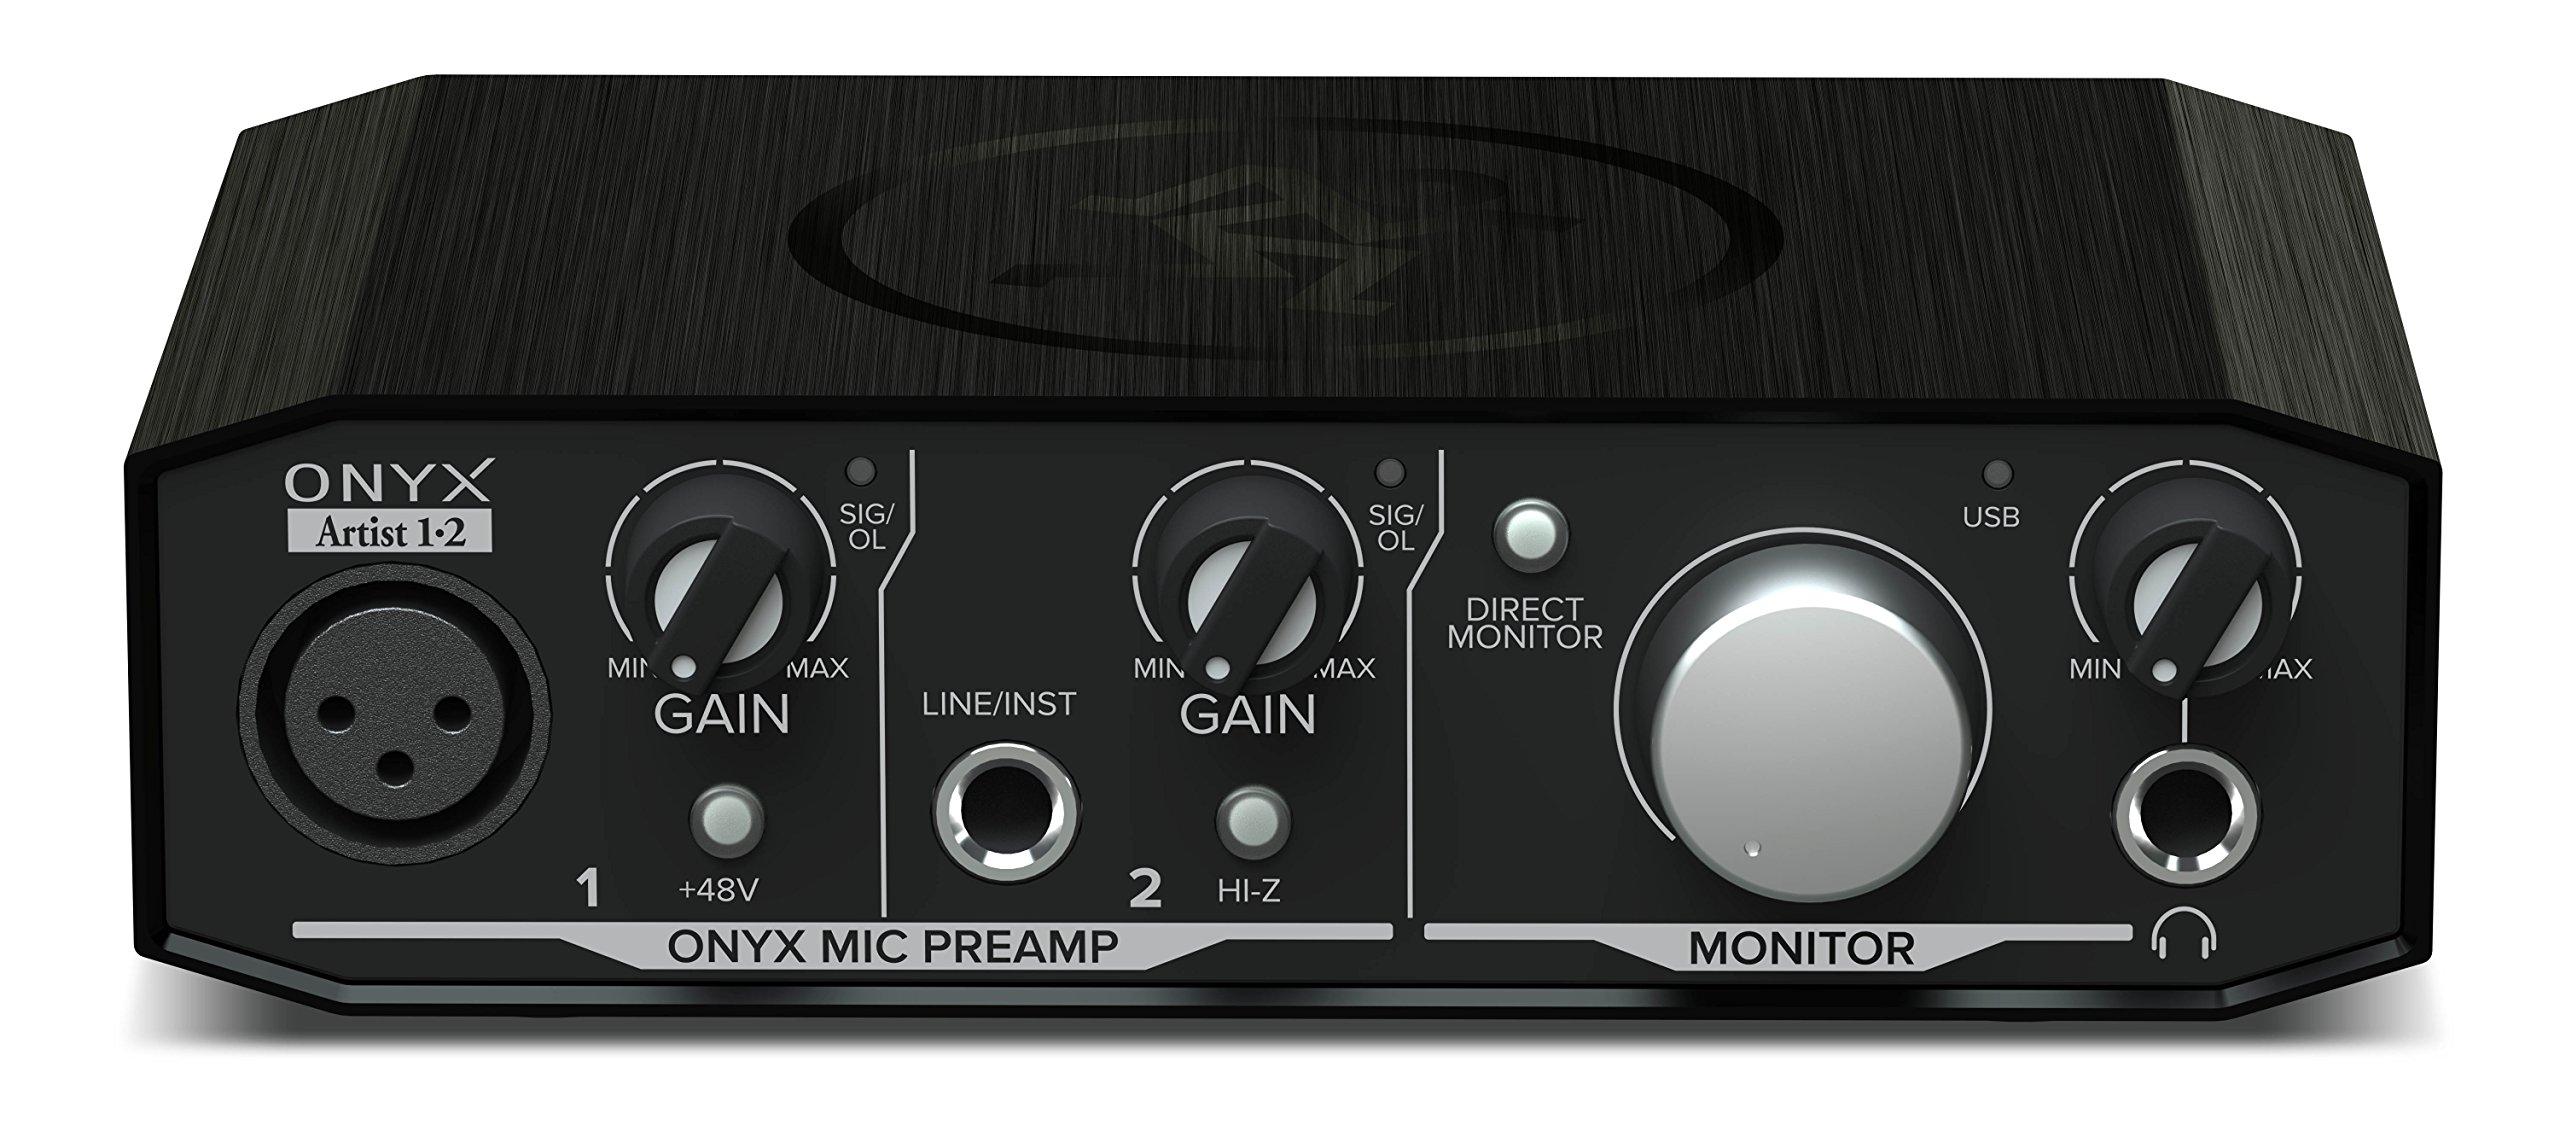 Mackie Onyx Artist 1-2 2x2 USB Audio Interface by Mackie